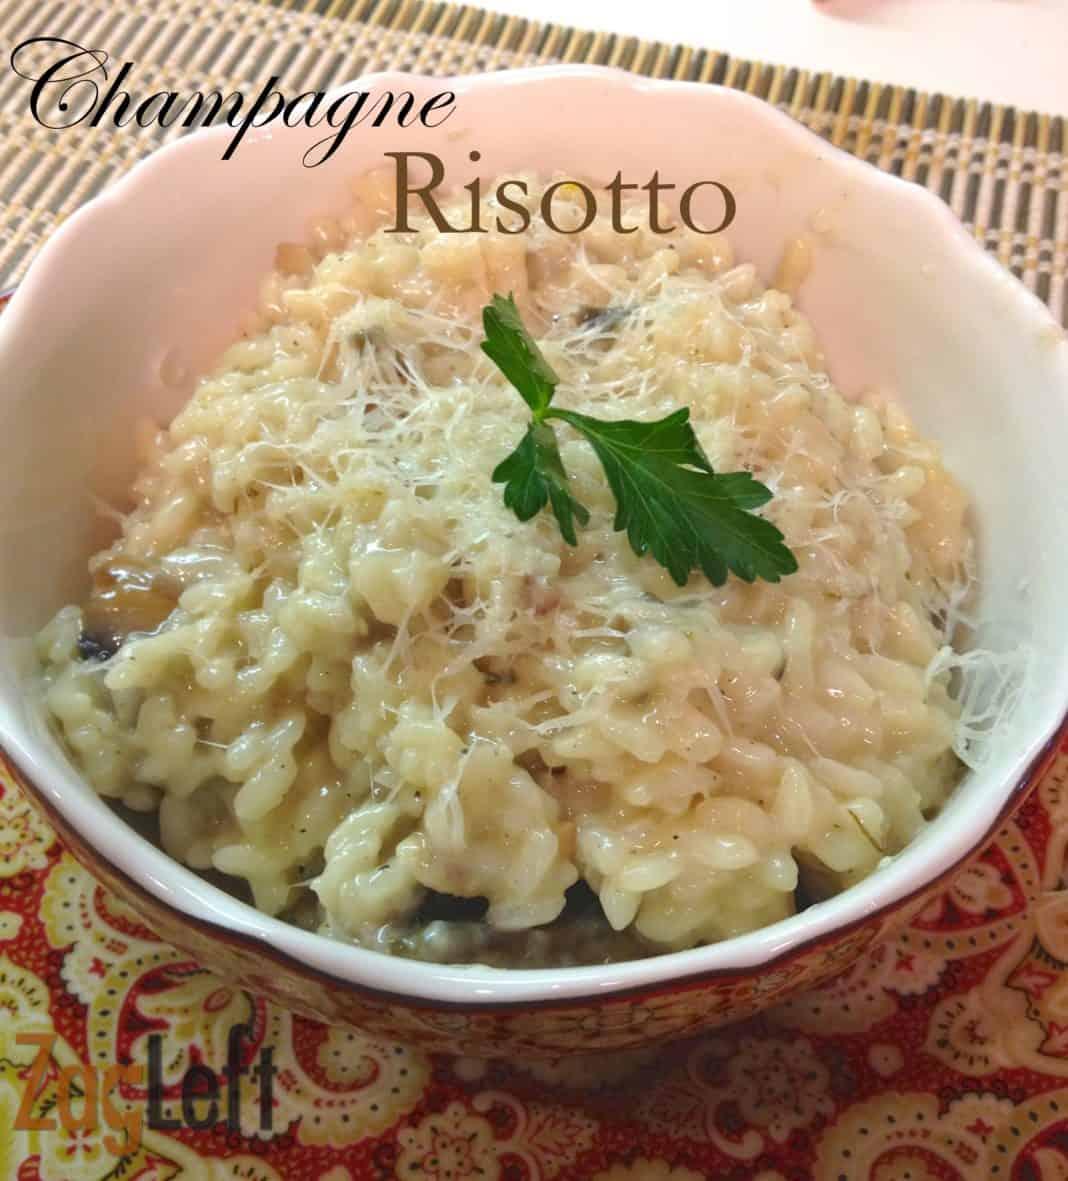 Promo image for Champagne Risotto recipe